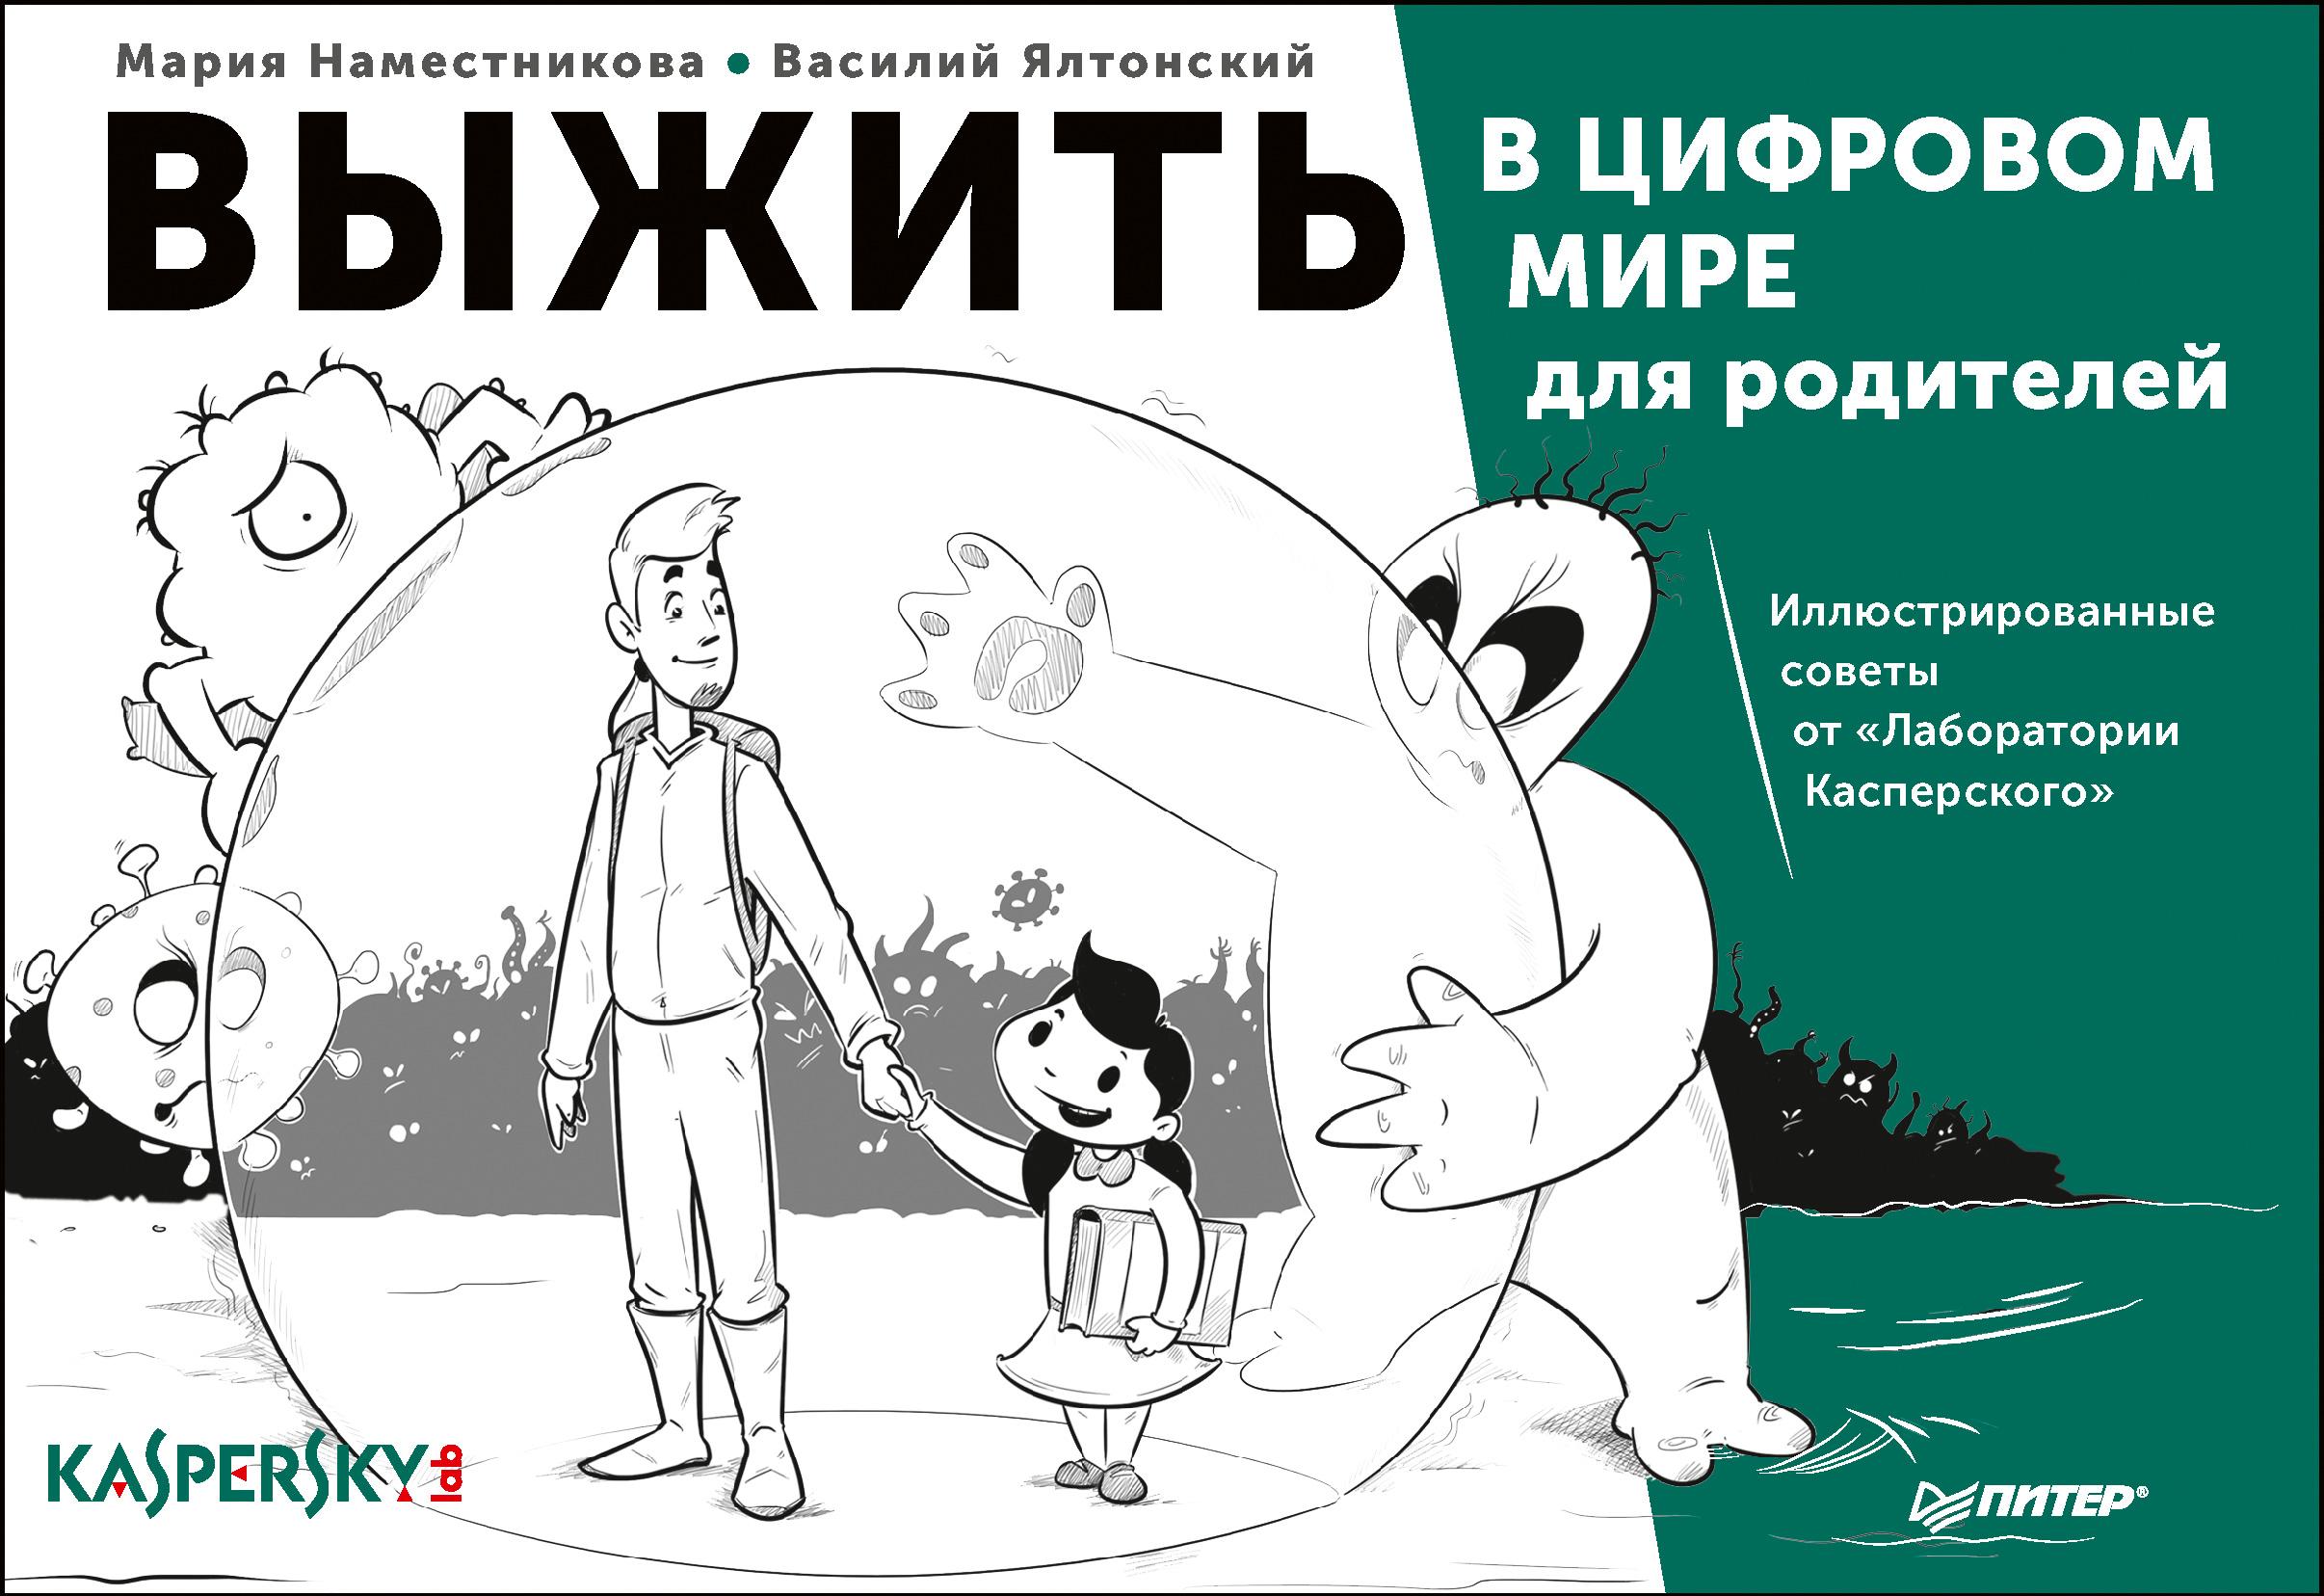 Василий Ялтонский, Мария Наместникова «Выжить в цифровом мире для родителей. Иллюстрированные советы от«Лаборатории Касперского»»